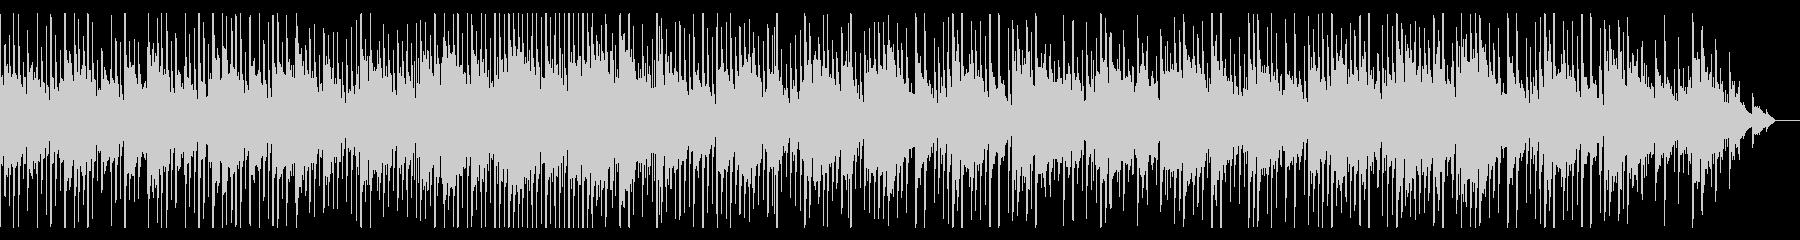 独特なシネマティックギターアンビエントの未再生の波形